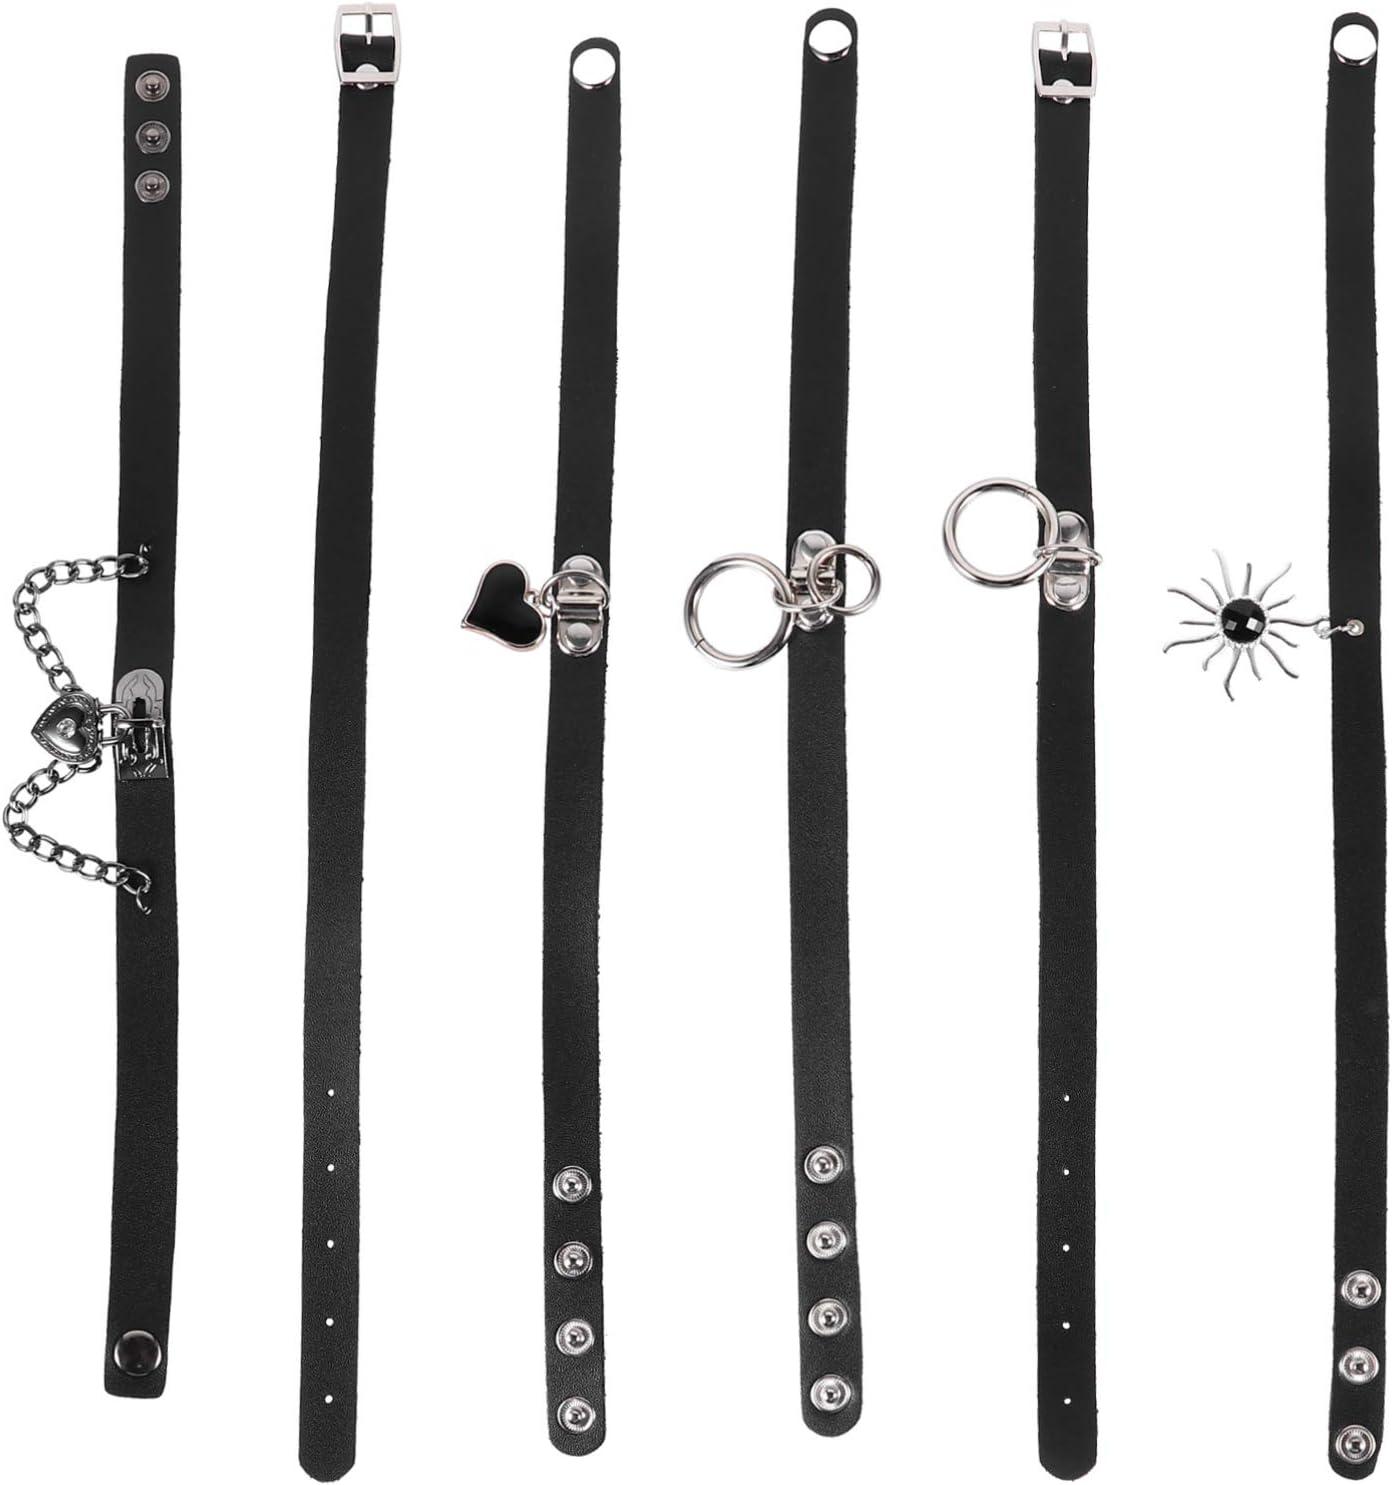 EXCEART 6 Piezas Cuero Chocker Collar PU Círculo Punk Gargantilla Collar Cadena Cinch Collar Ajustable Gargantilla Coscapa para Mujer